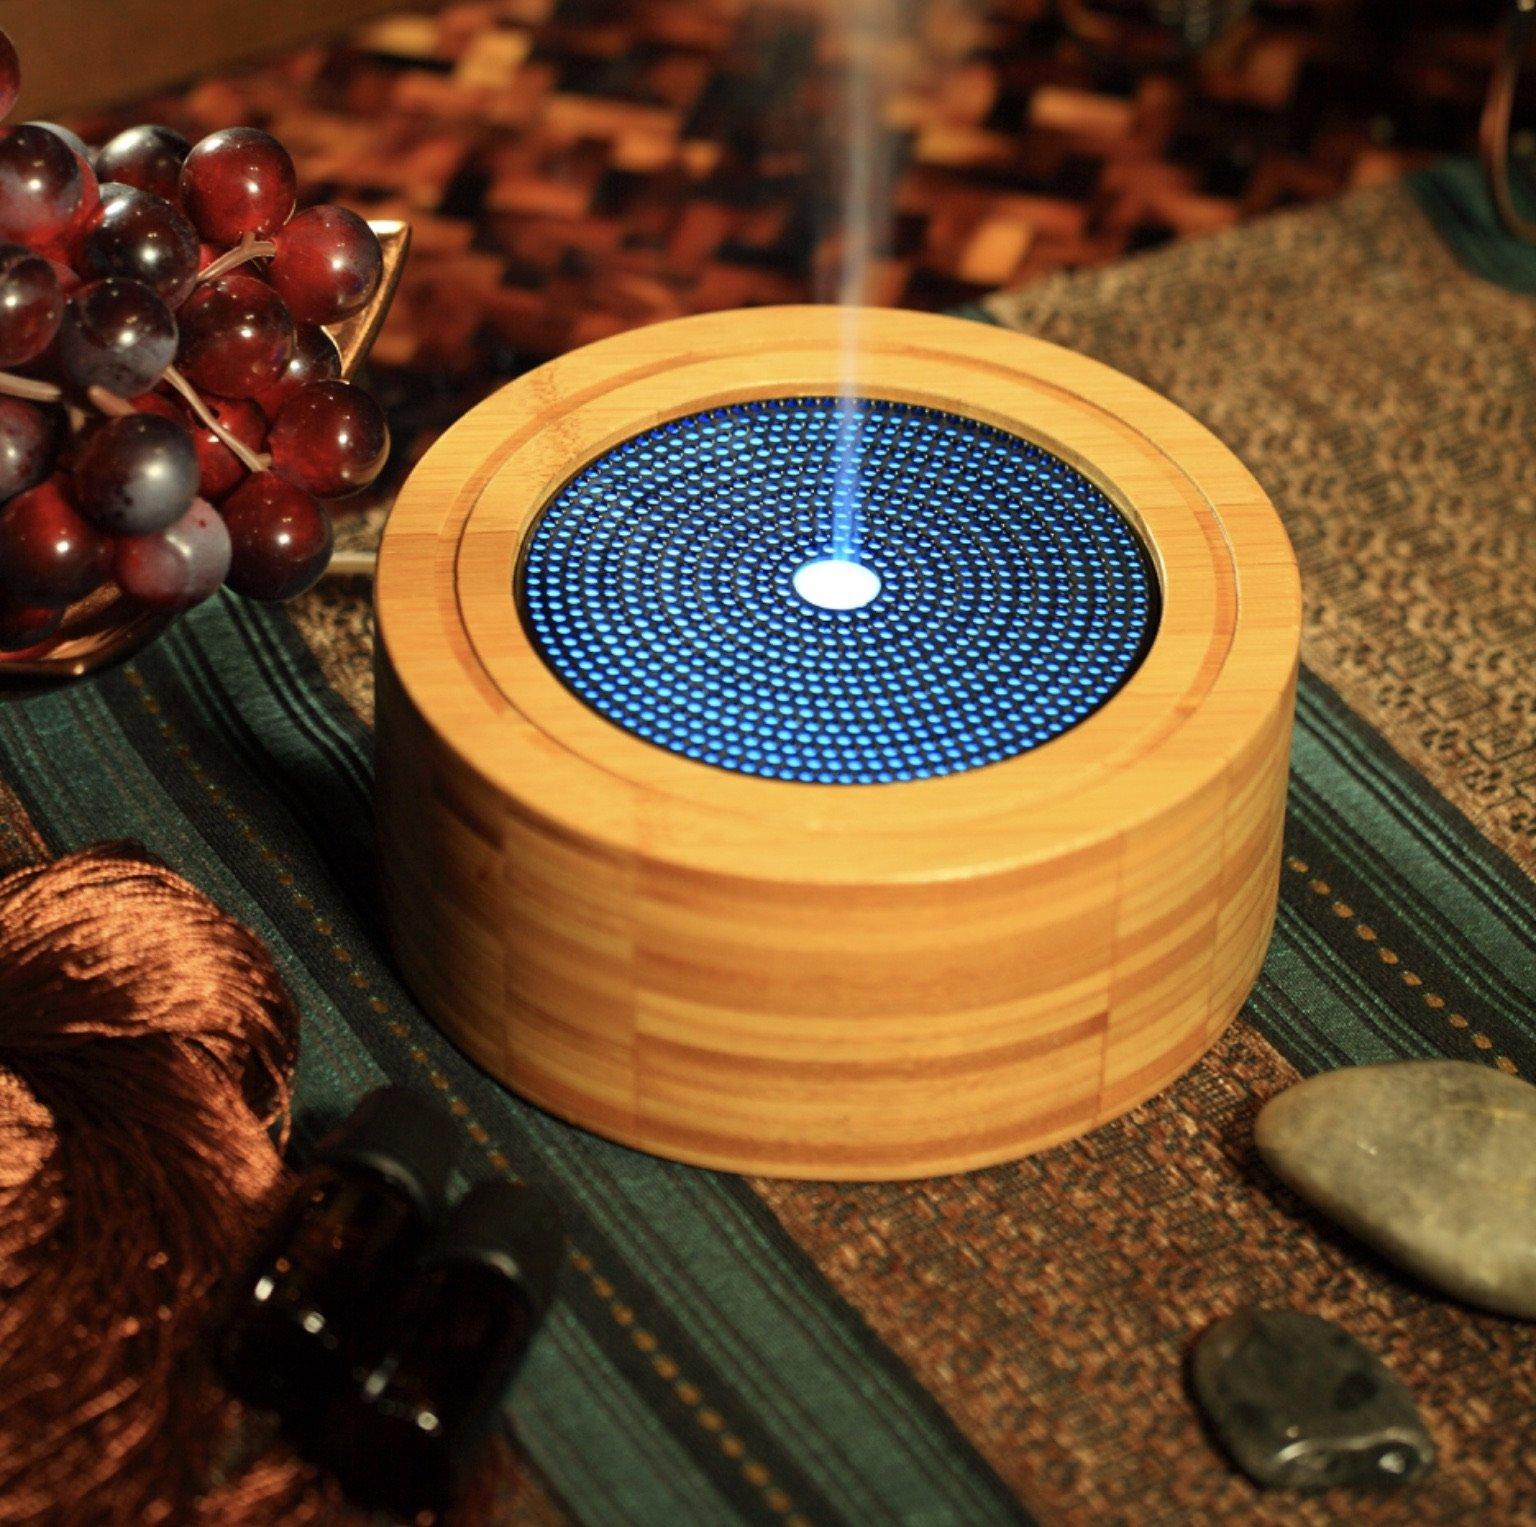 Aromaterapi diffuser